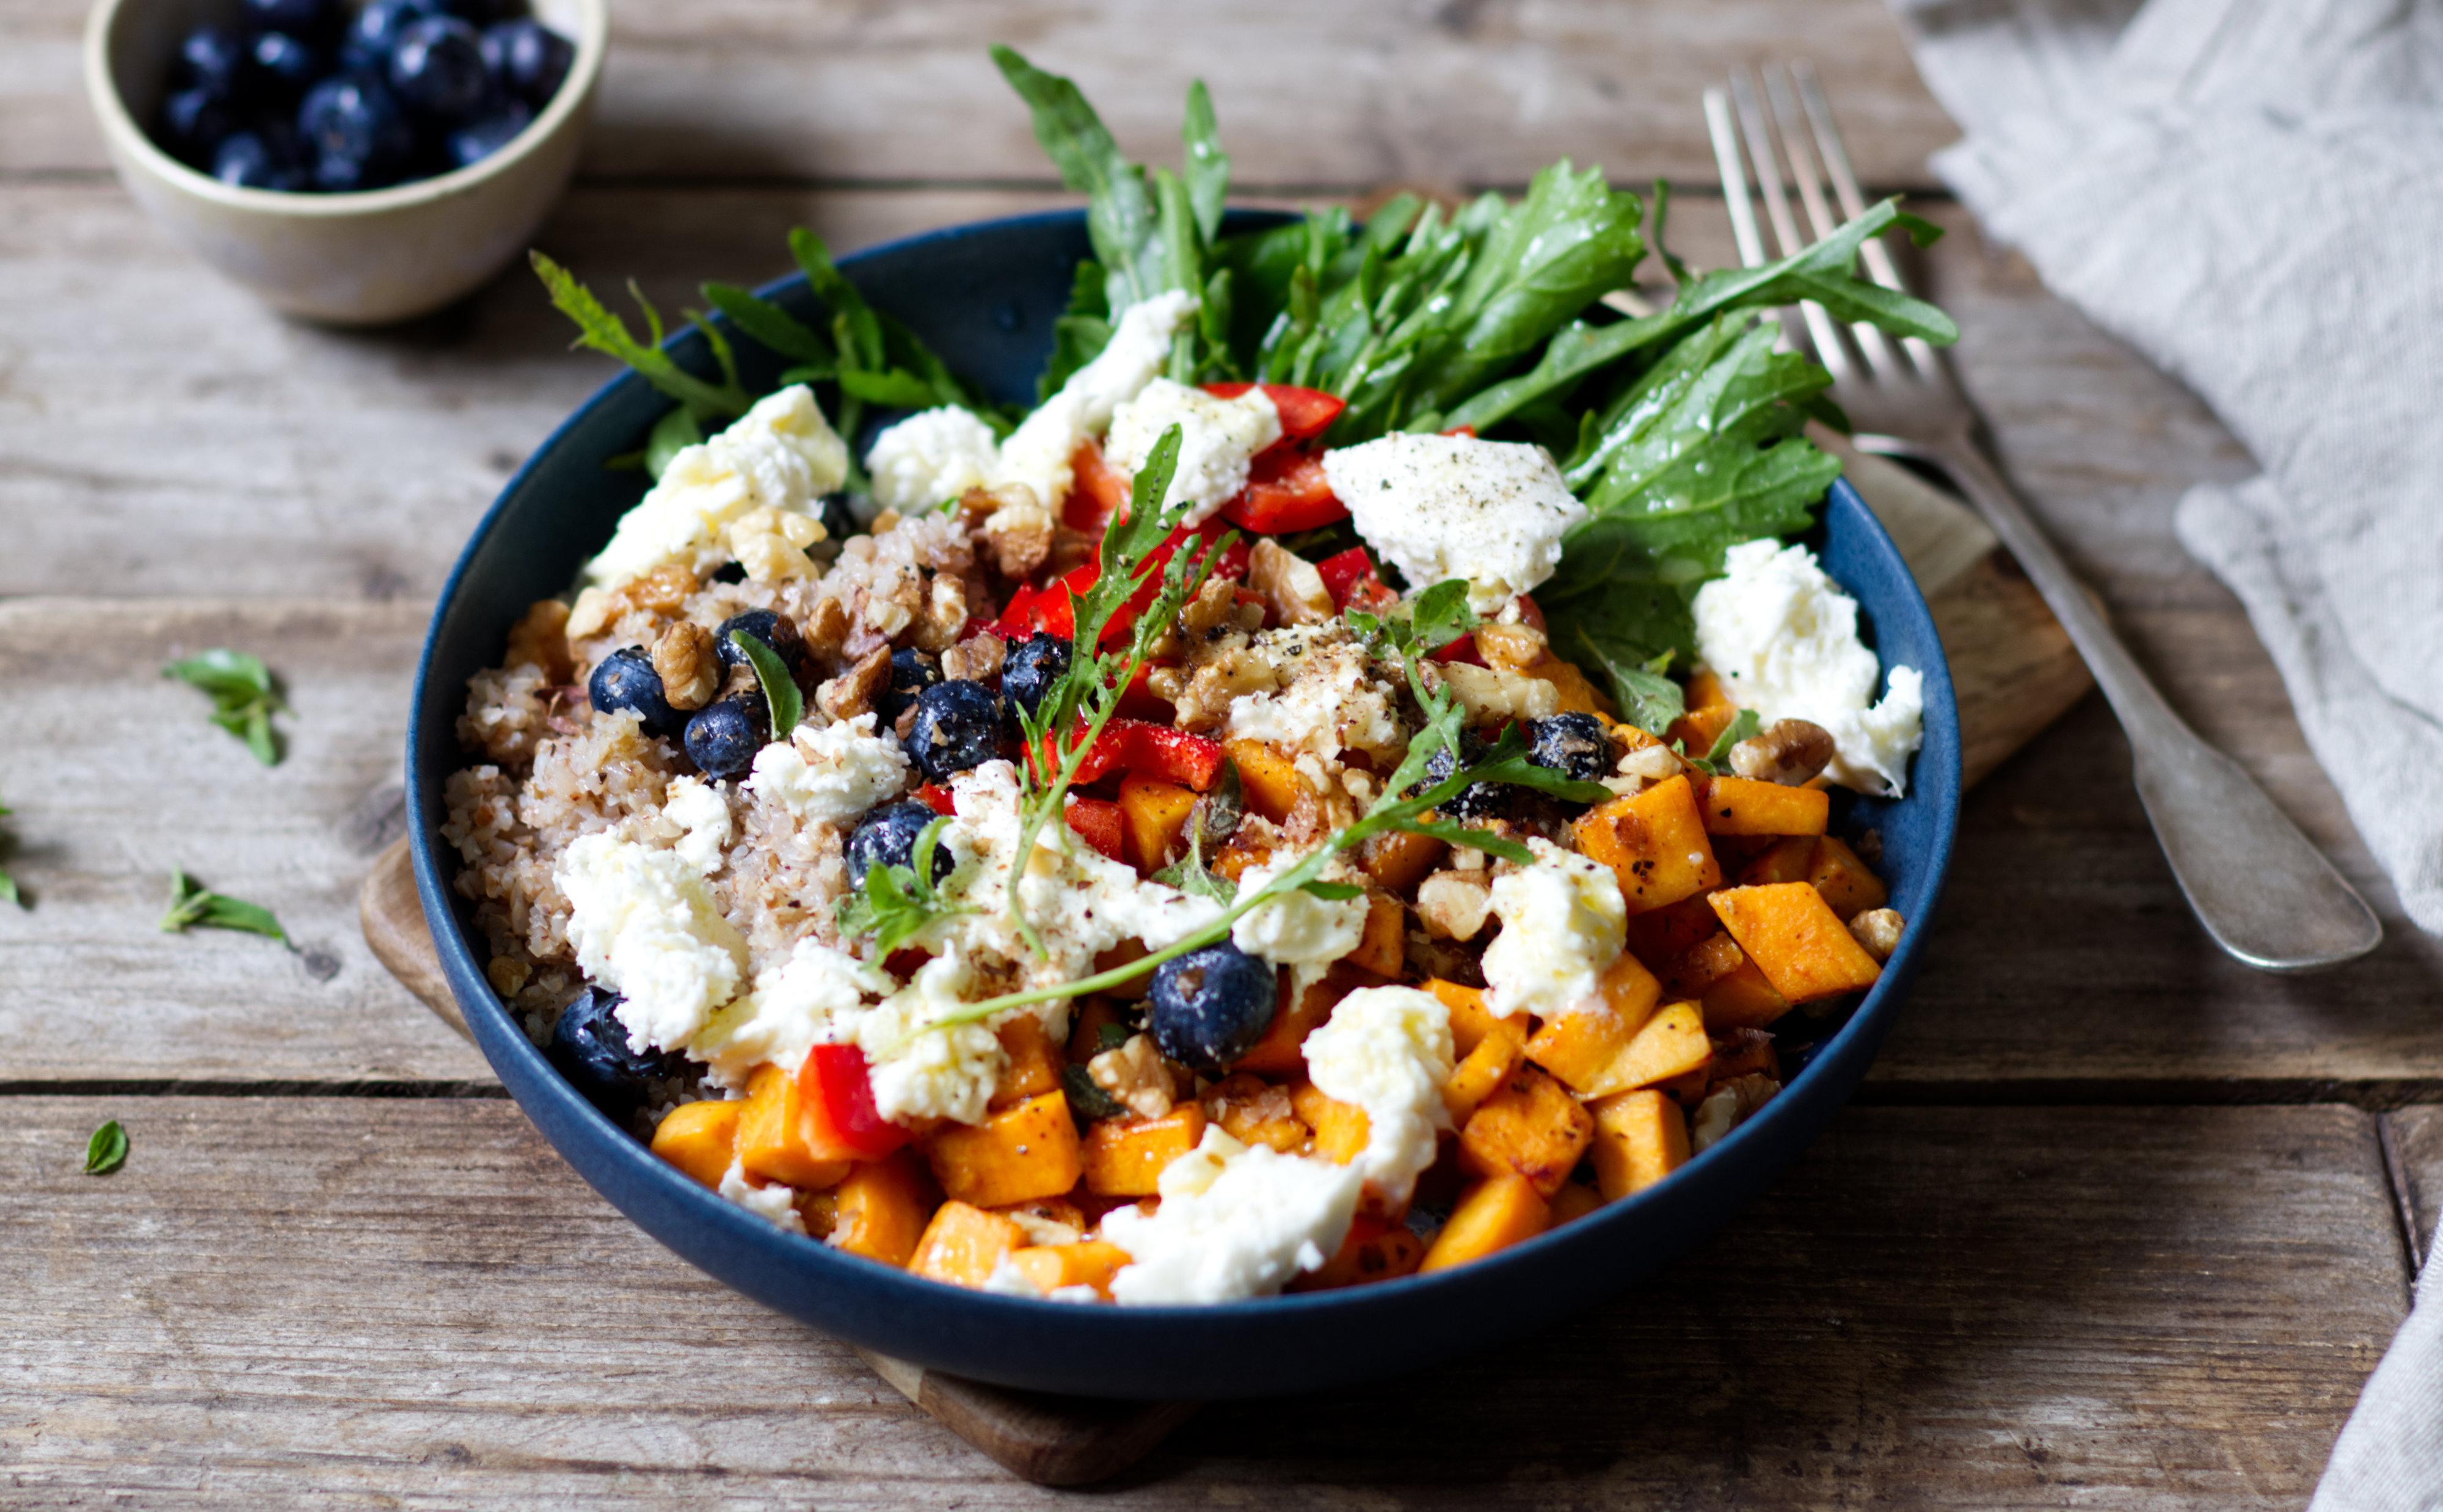 Süßkartoffel-Bowl mit Bulgur, Mozzarella und Heidelbeeren